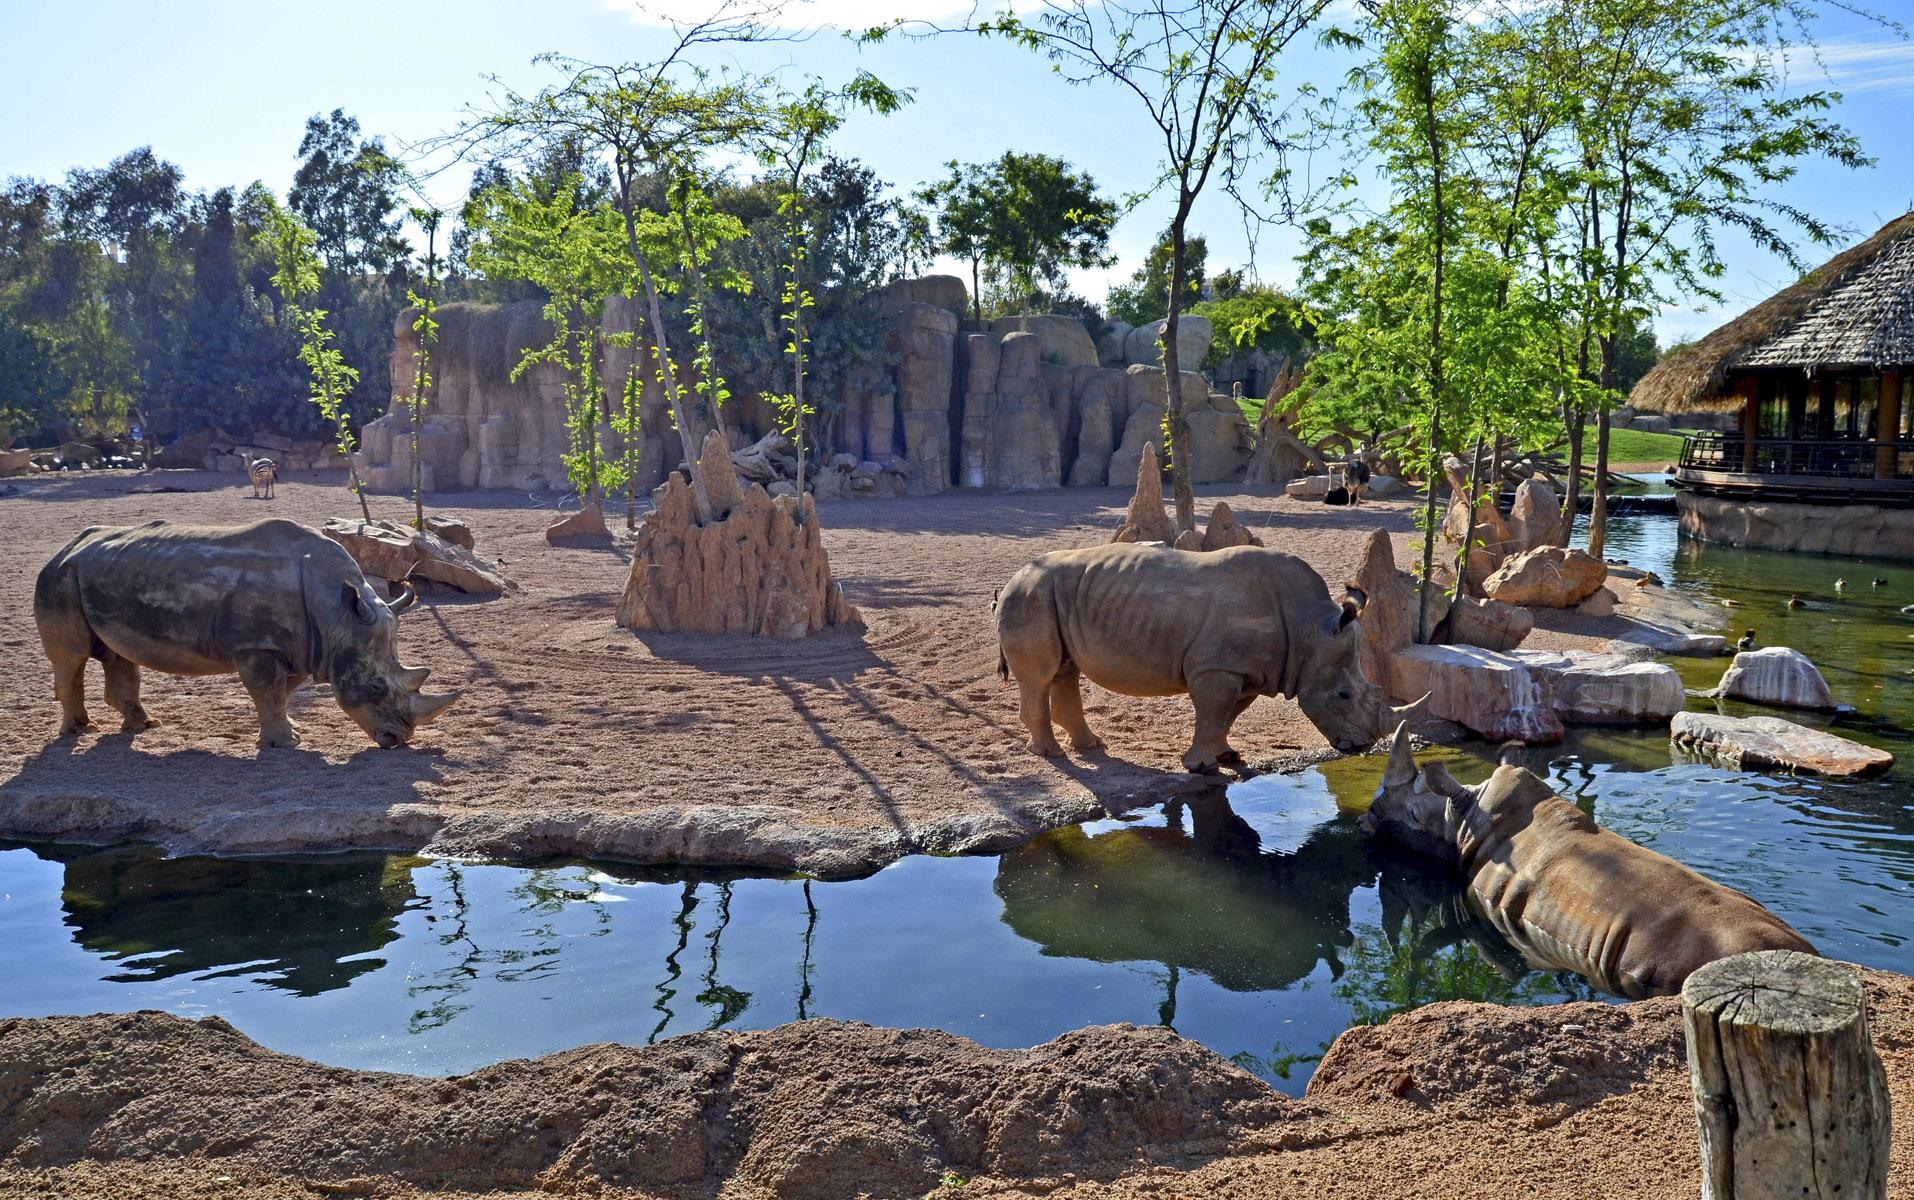 Rinocerontes refrescándose en la ría de la Sabana africana - Bioparc Valencia bj